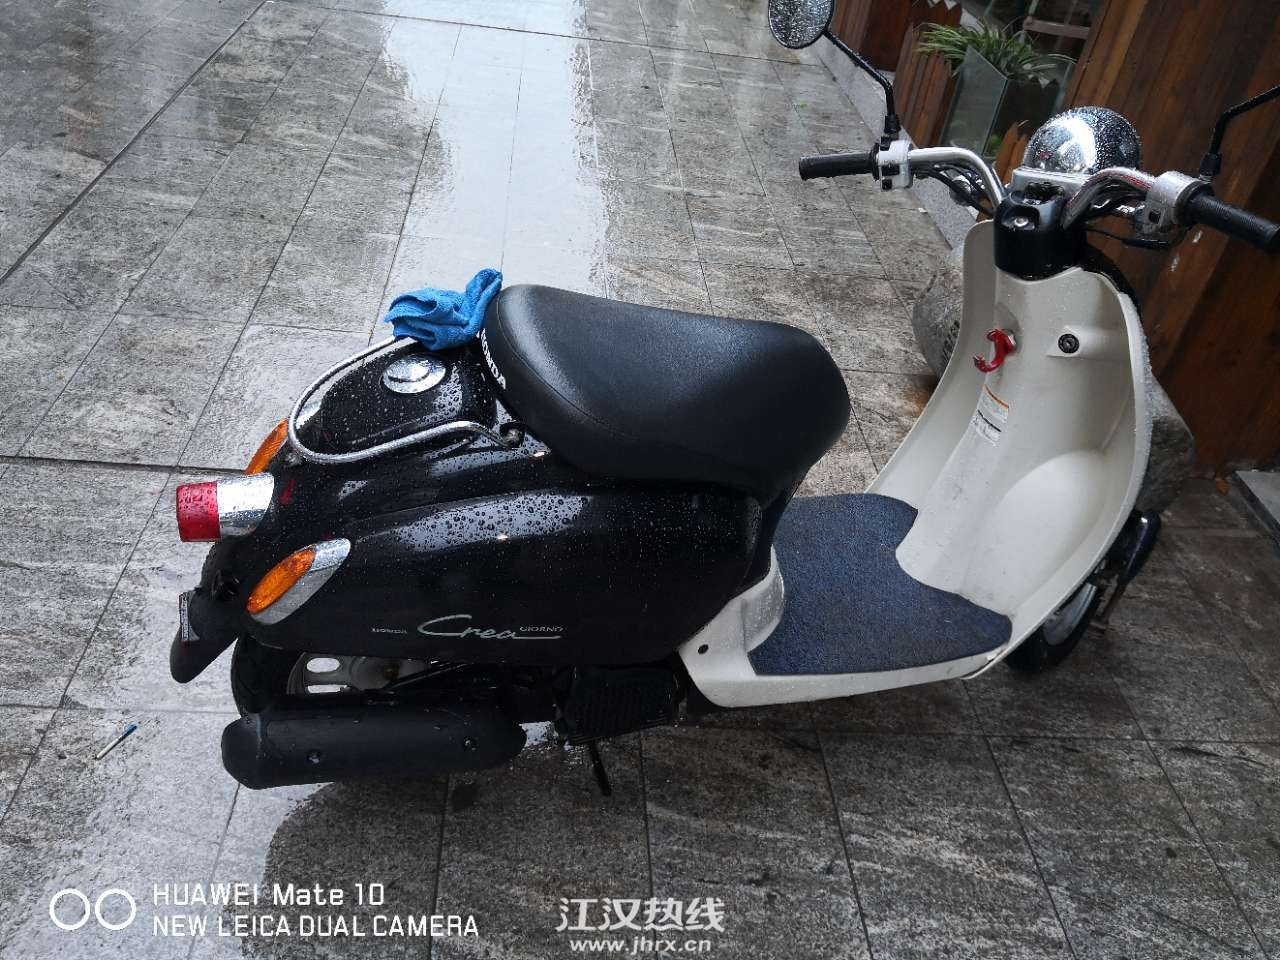 现货本田熊本77期50CC踏板小龟王摩托车日本原装... - 北京58同城